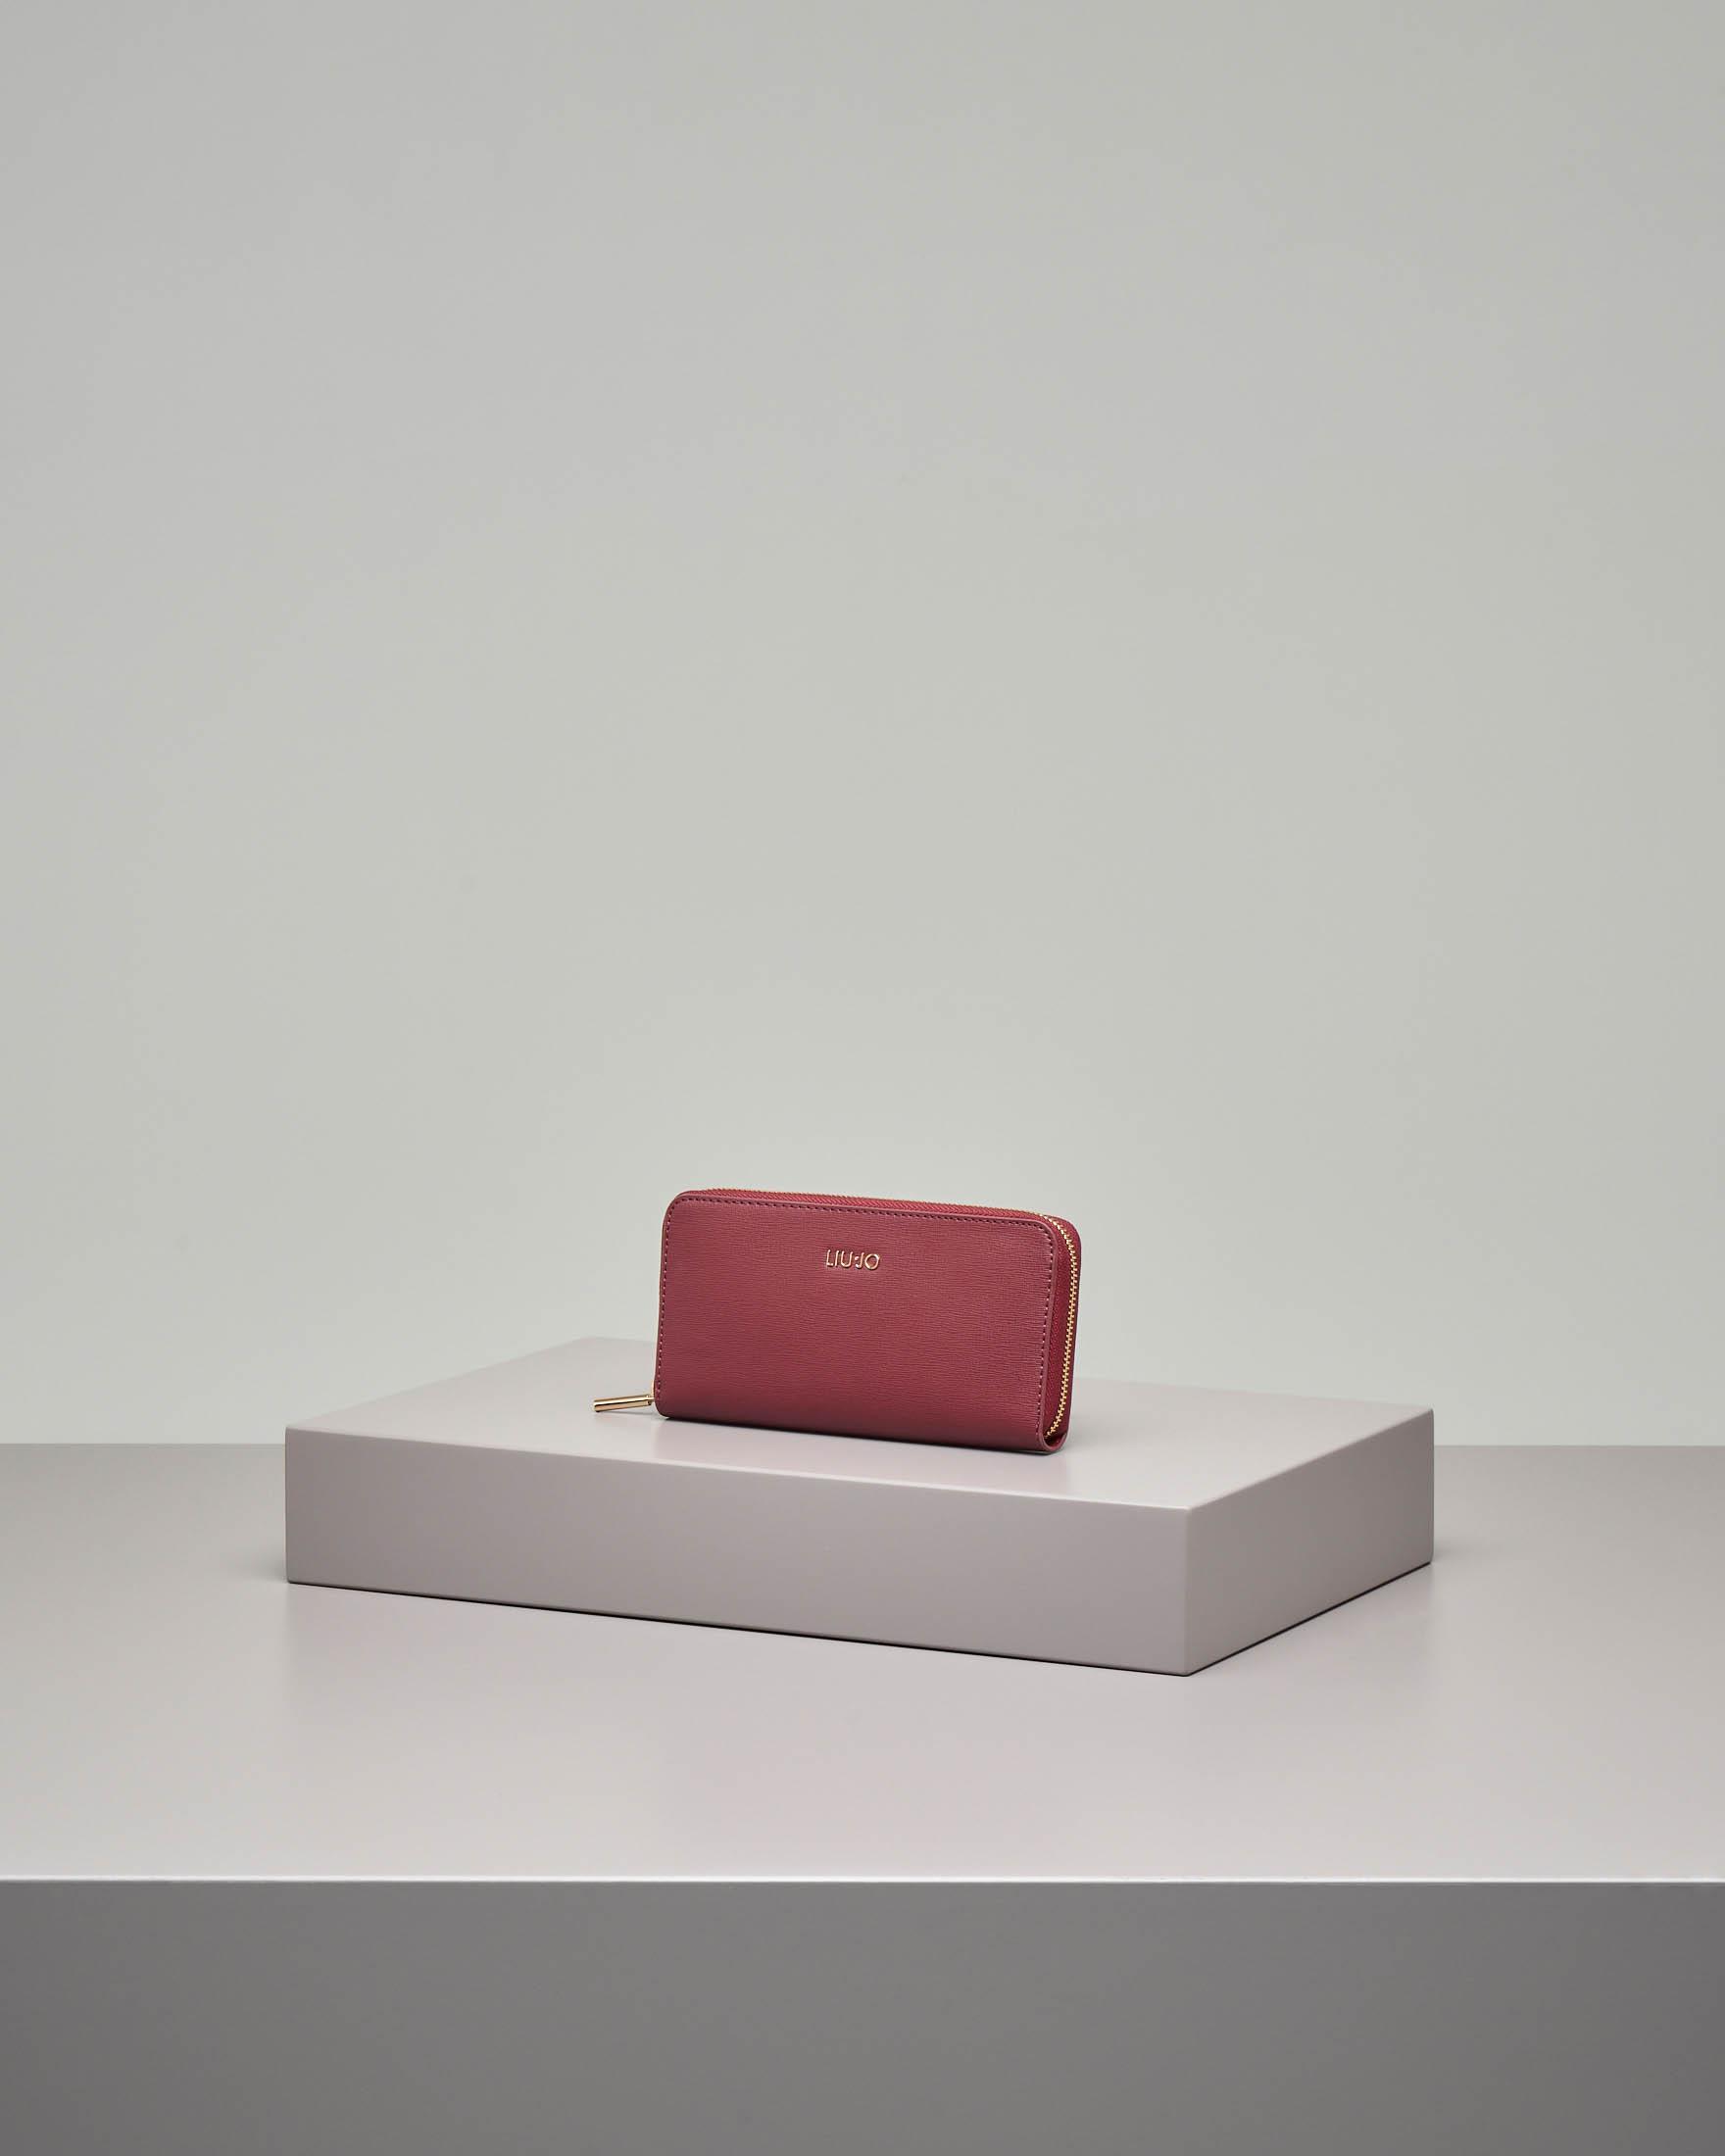 Portafoglio rosso in ecopelle effetto saffiano con chiusura a cerniera